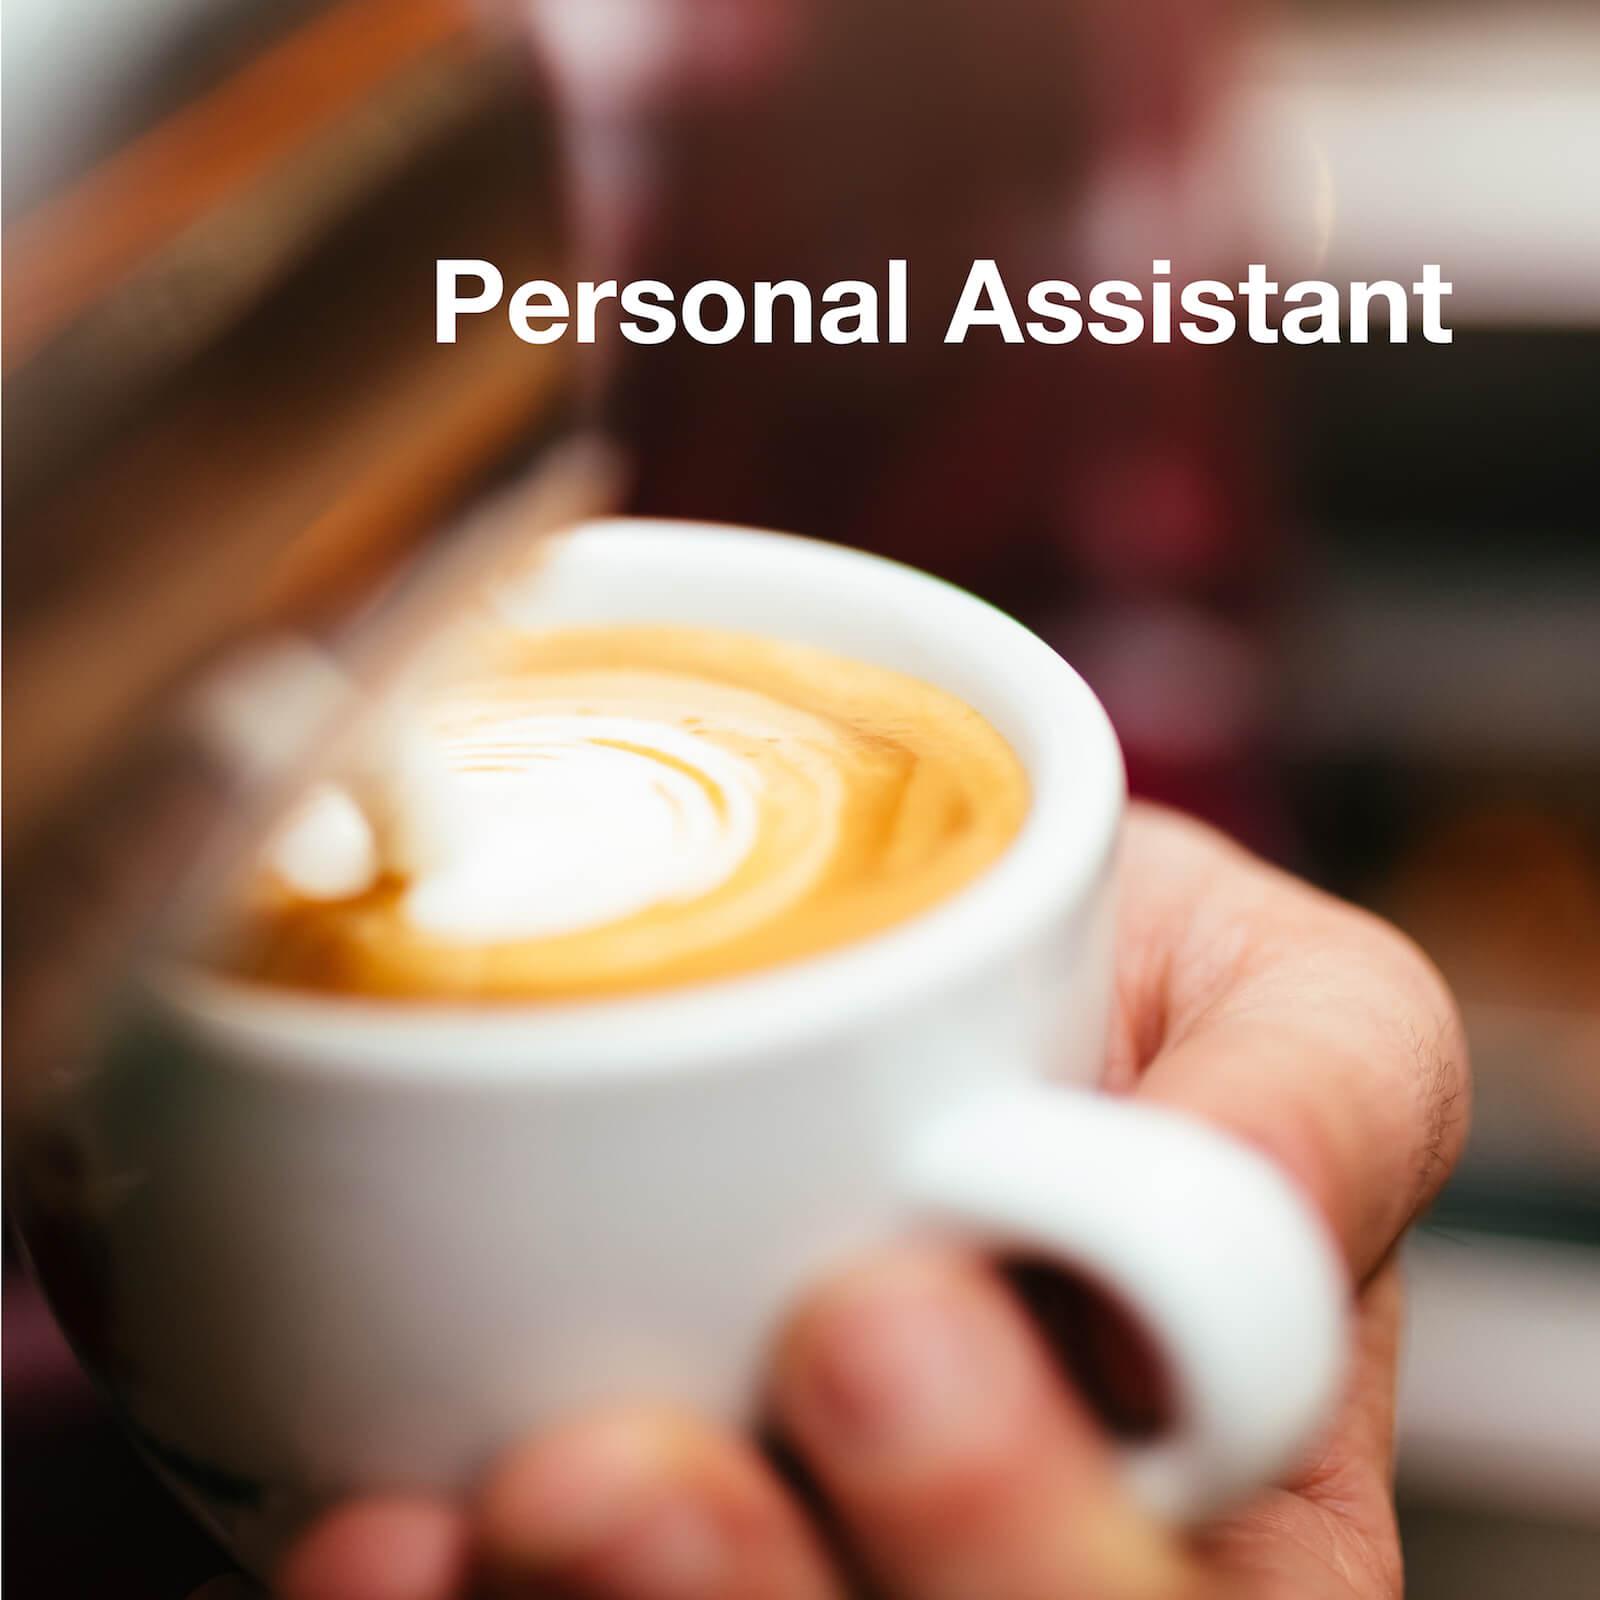 N4YK – Agentur für Familienglück – Personal Assistant, persönliche Assistenz, PA für den gehobenen Privathaushalt.